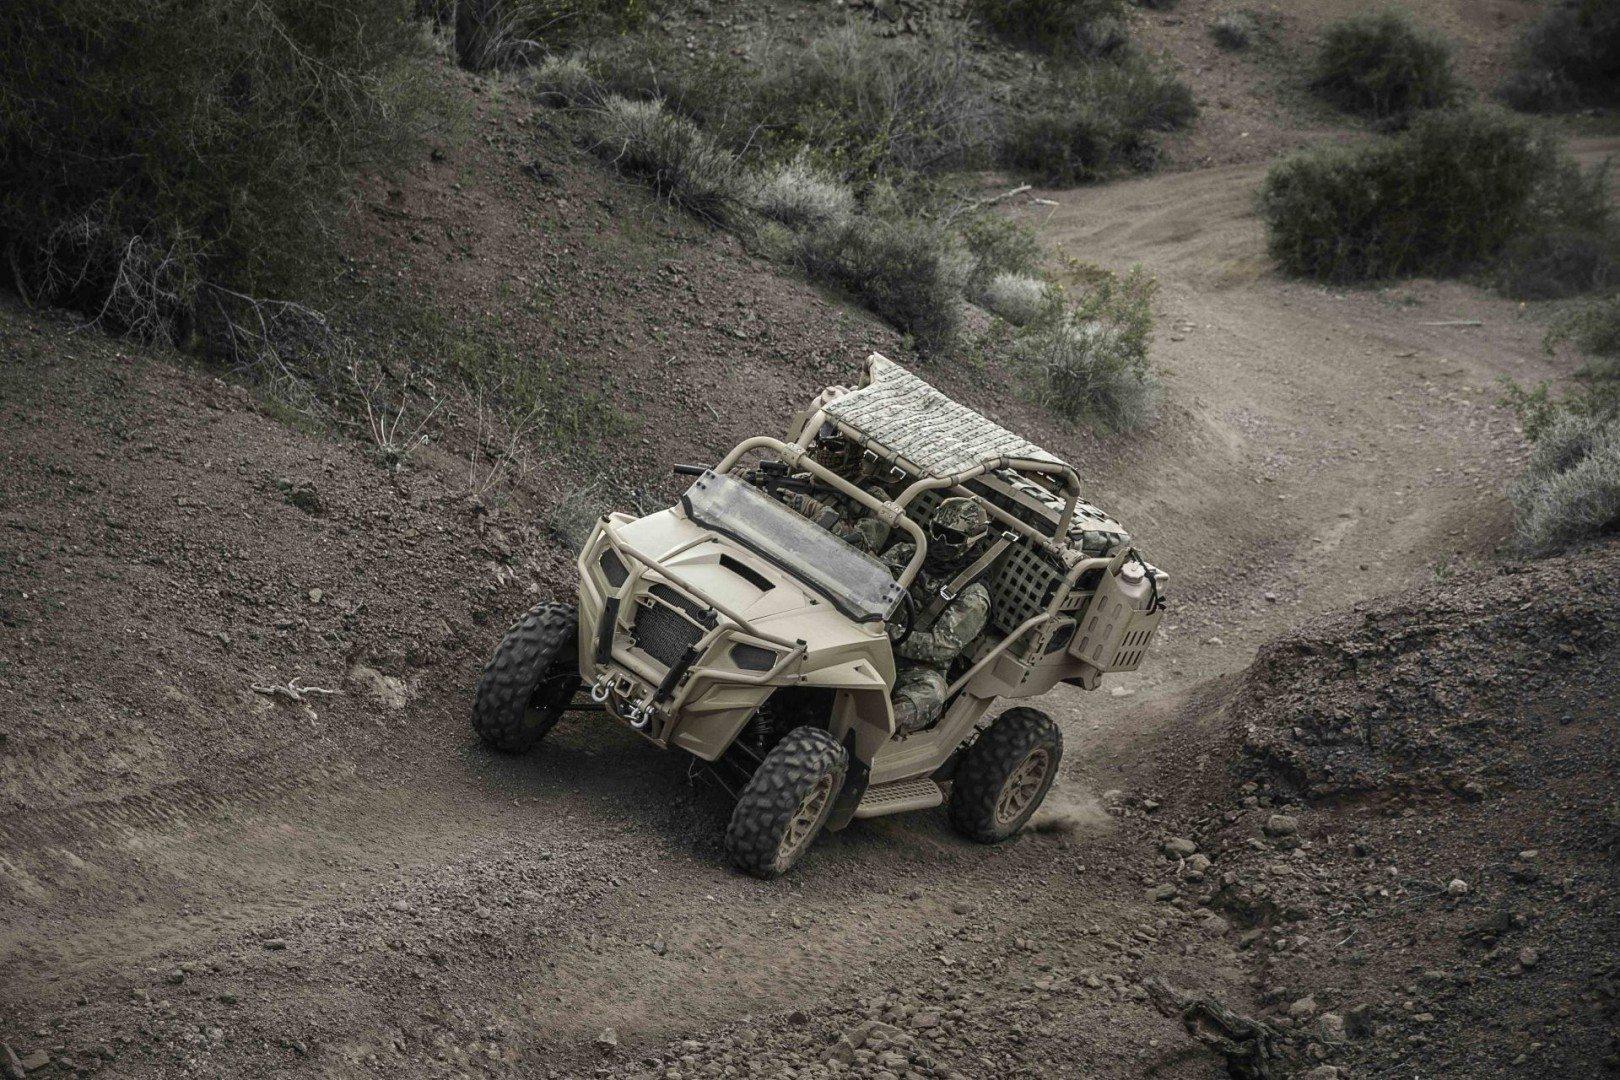 MRZR 2, Polaris Defense